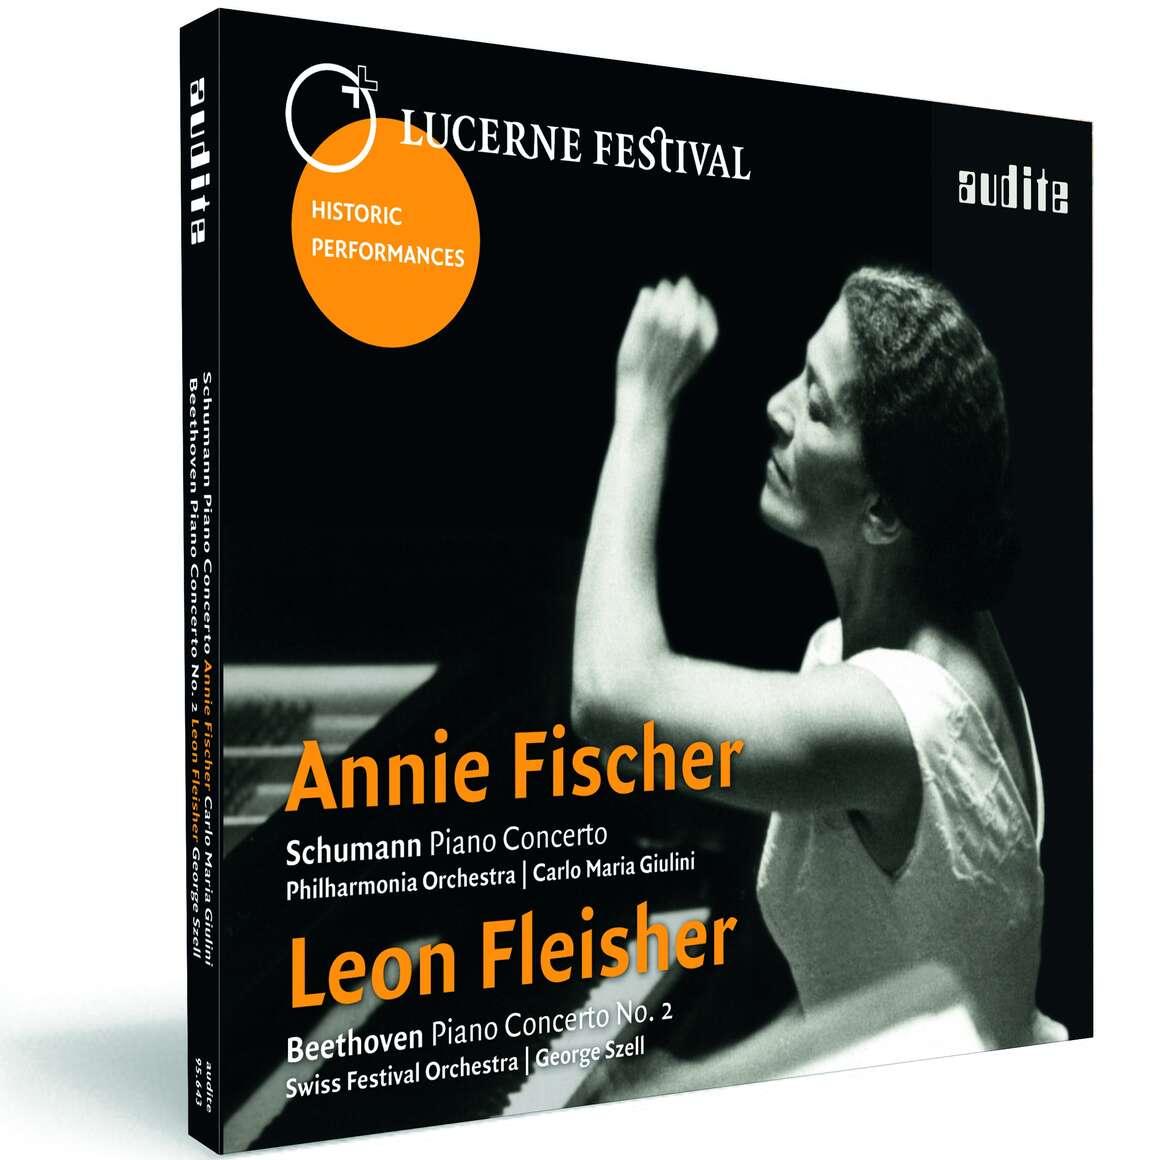 Annie Fischer plays Schumann: Piano Concerto, Op. 54 - Leon Fleisher plays Beethoven: Piano Concerto No. 2